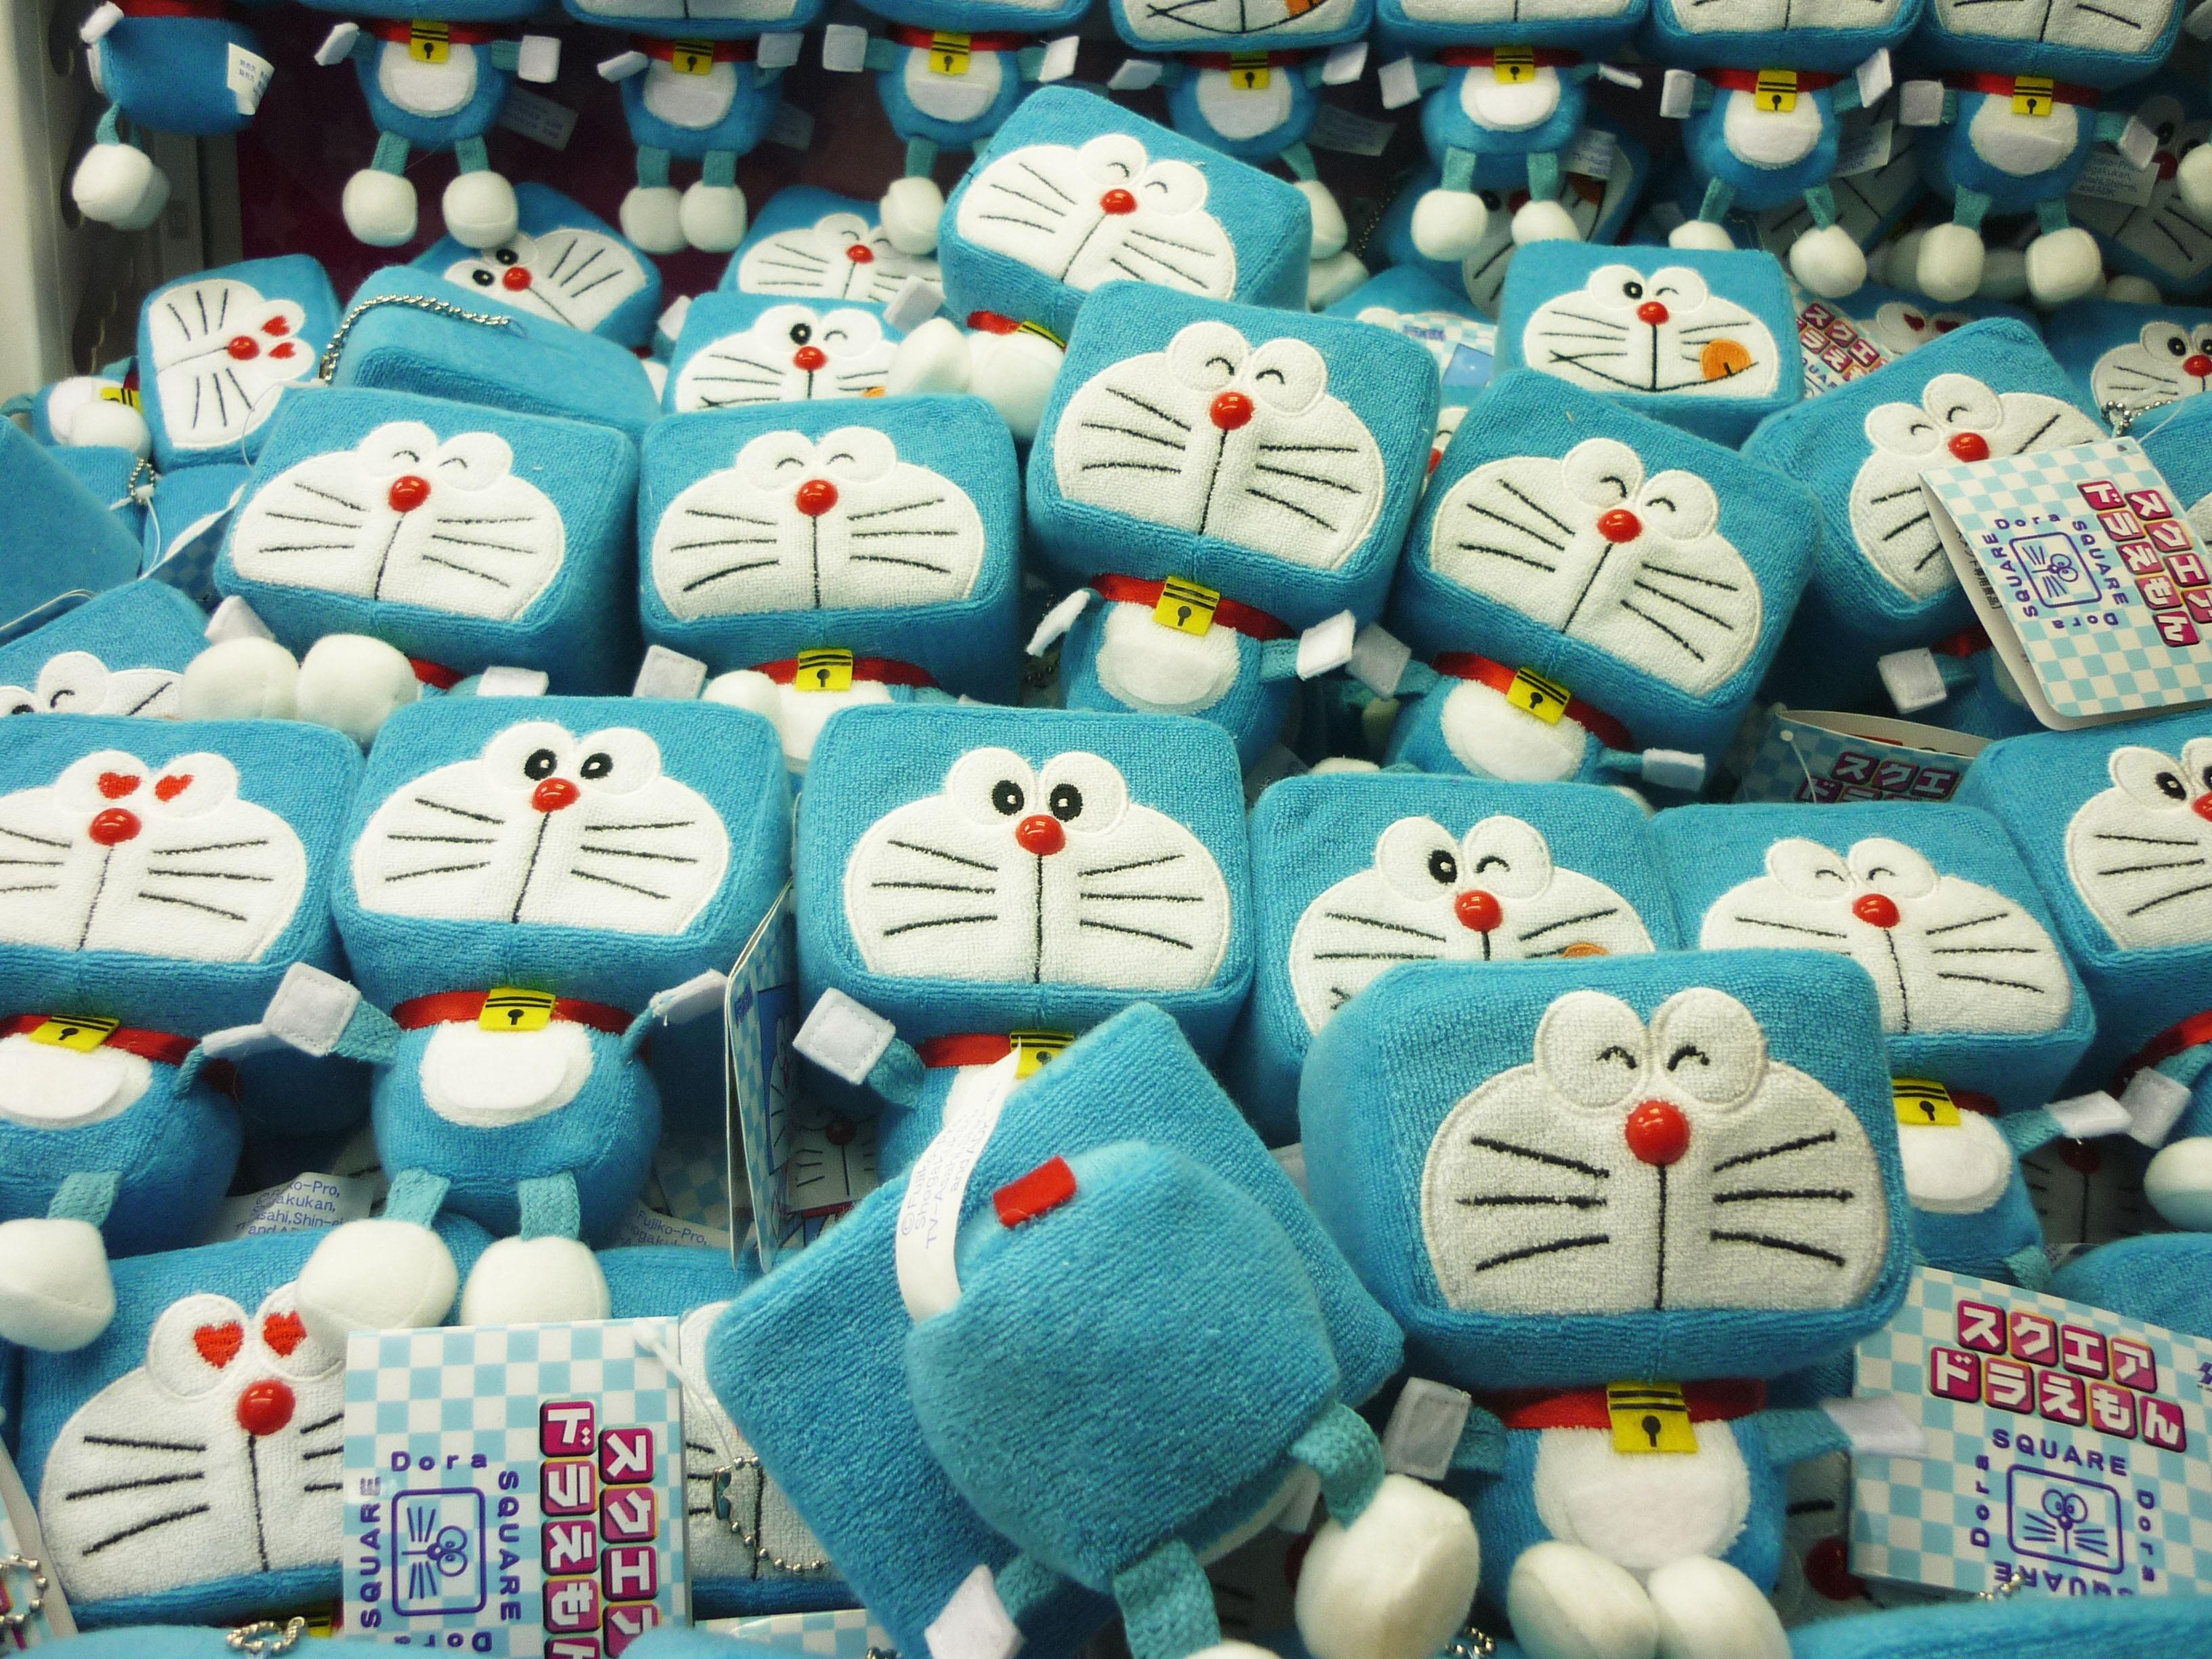 Kostenlose foto : asiatisch, blau, Japan, Spielzeug, Textil-, Katzen ...